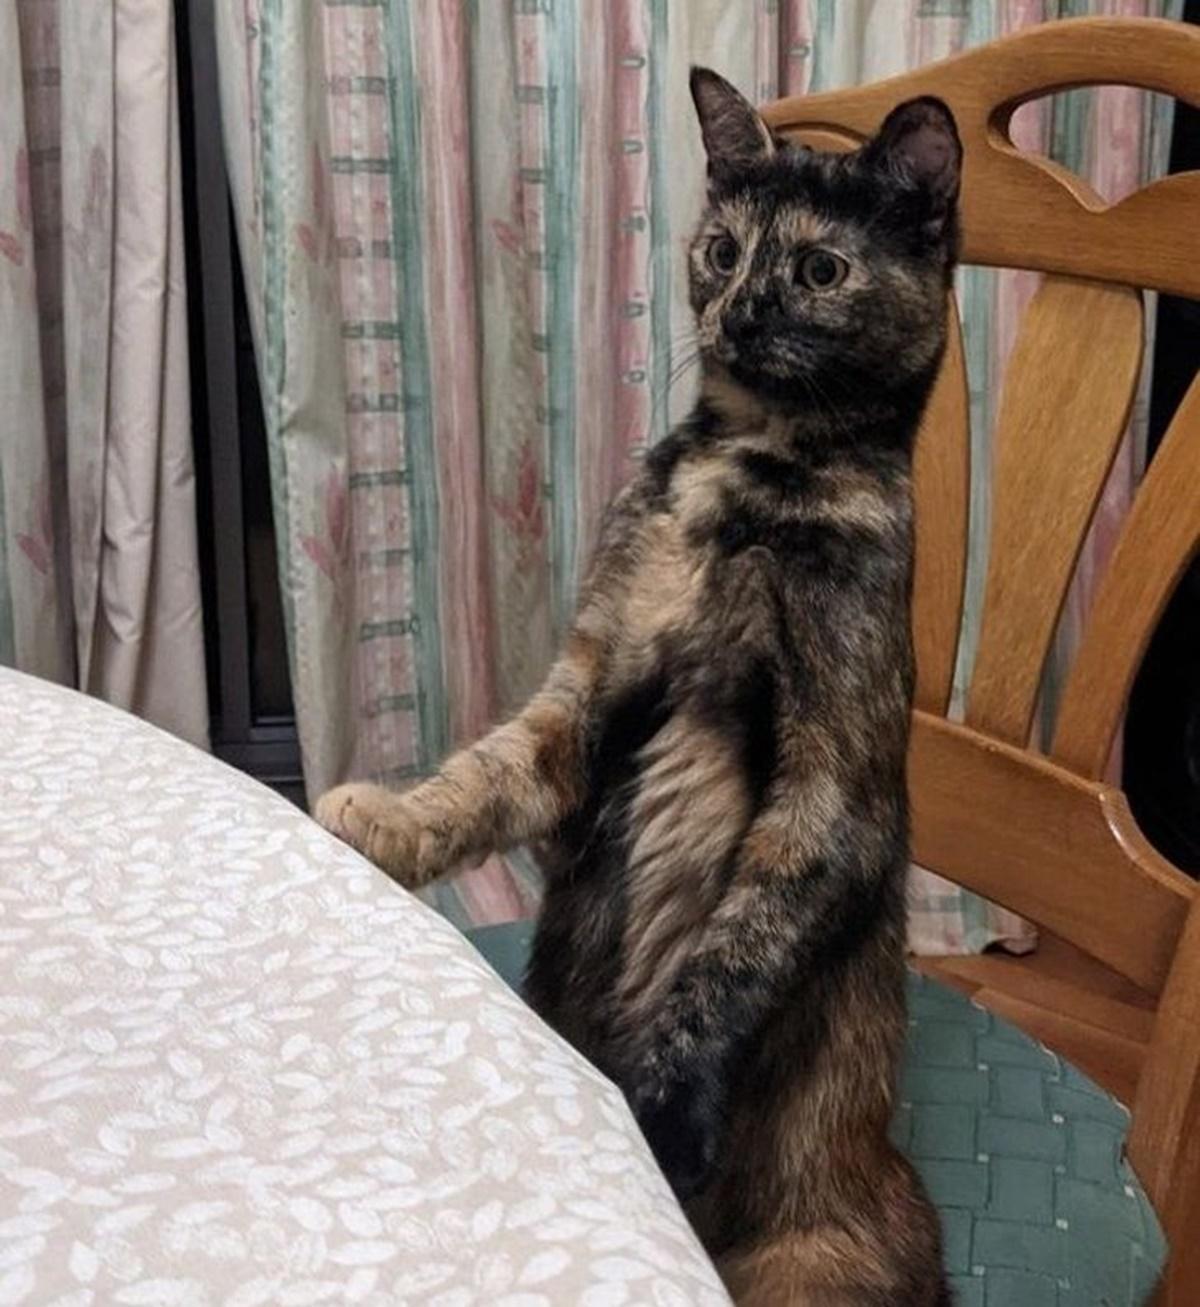 10 gatti che hanno avuto un passato da umano-gatto che aspetta la cena